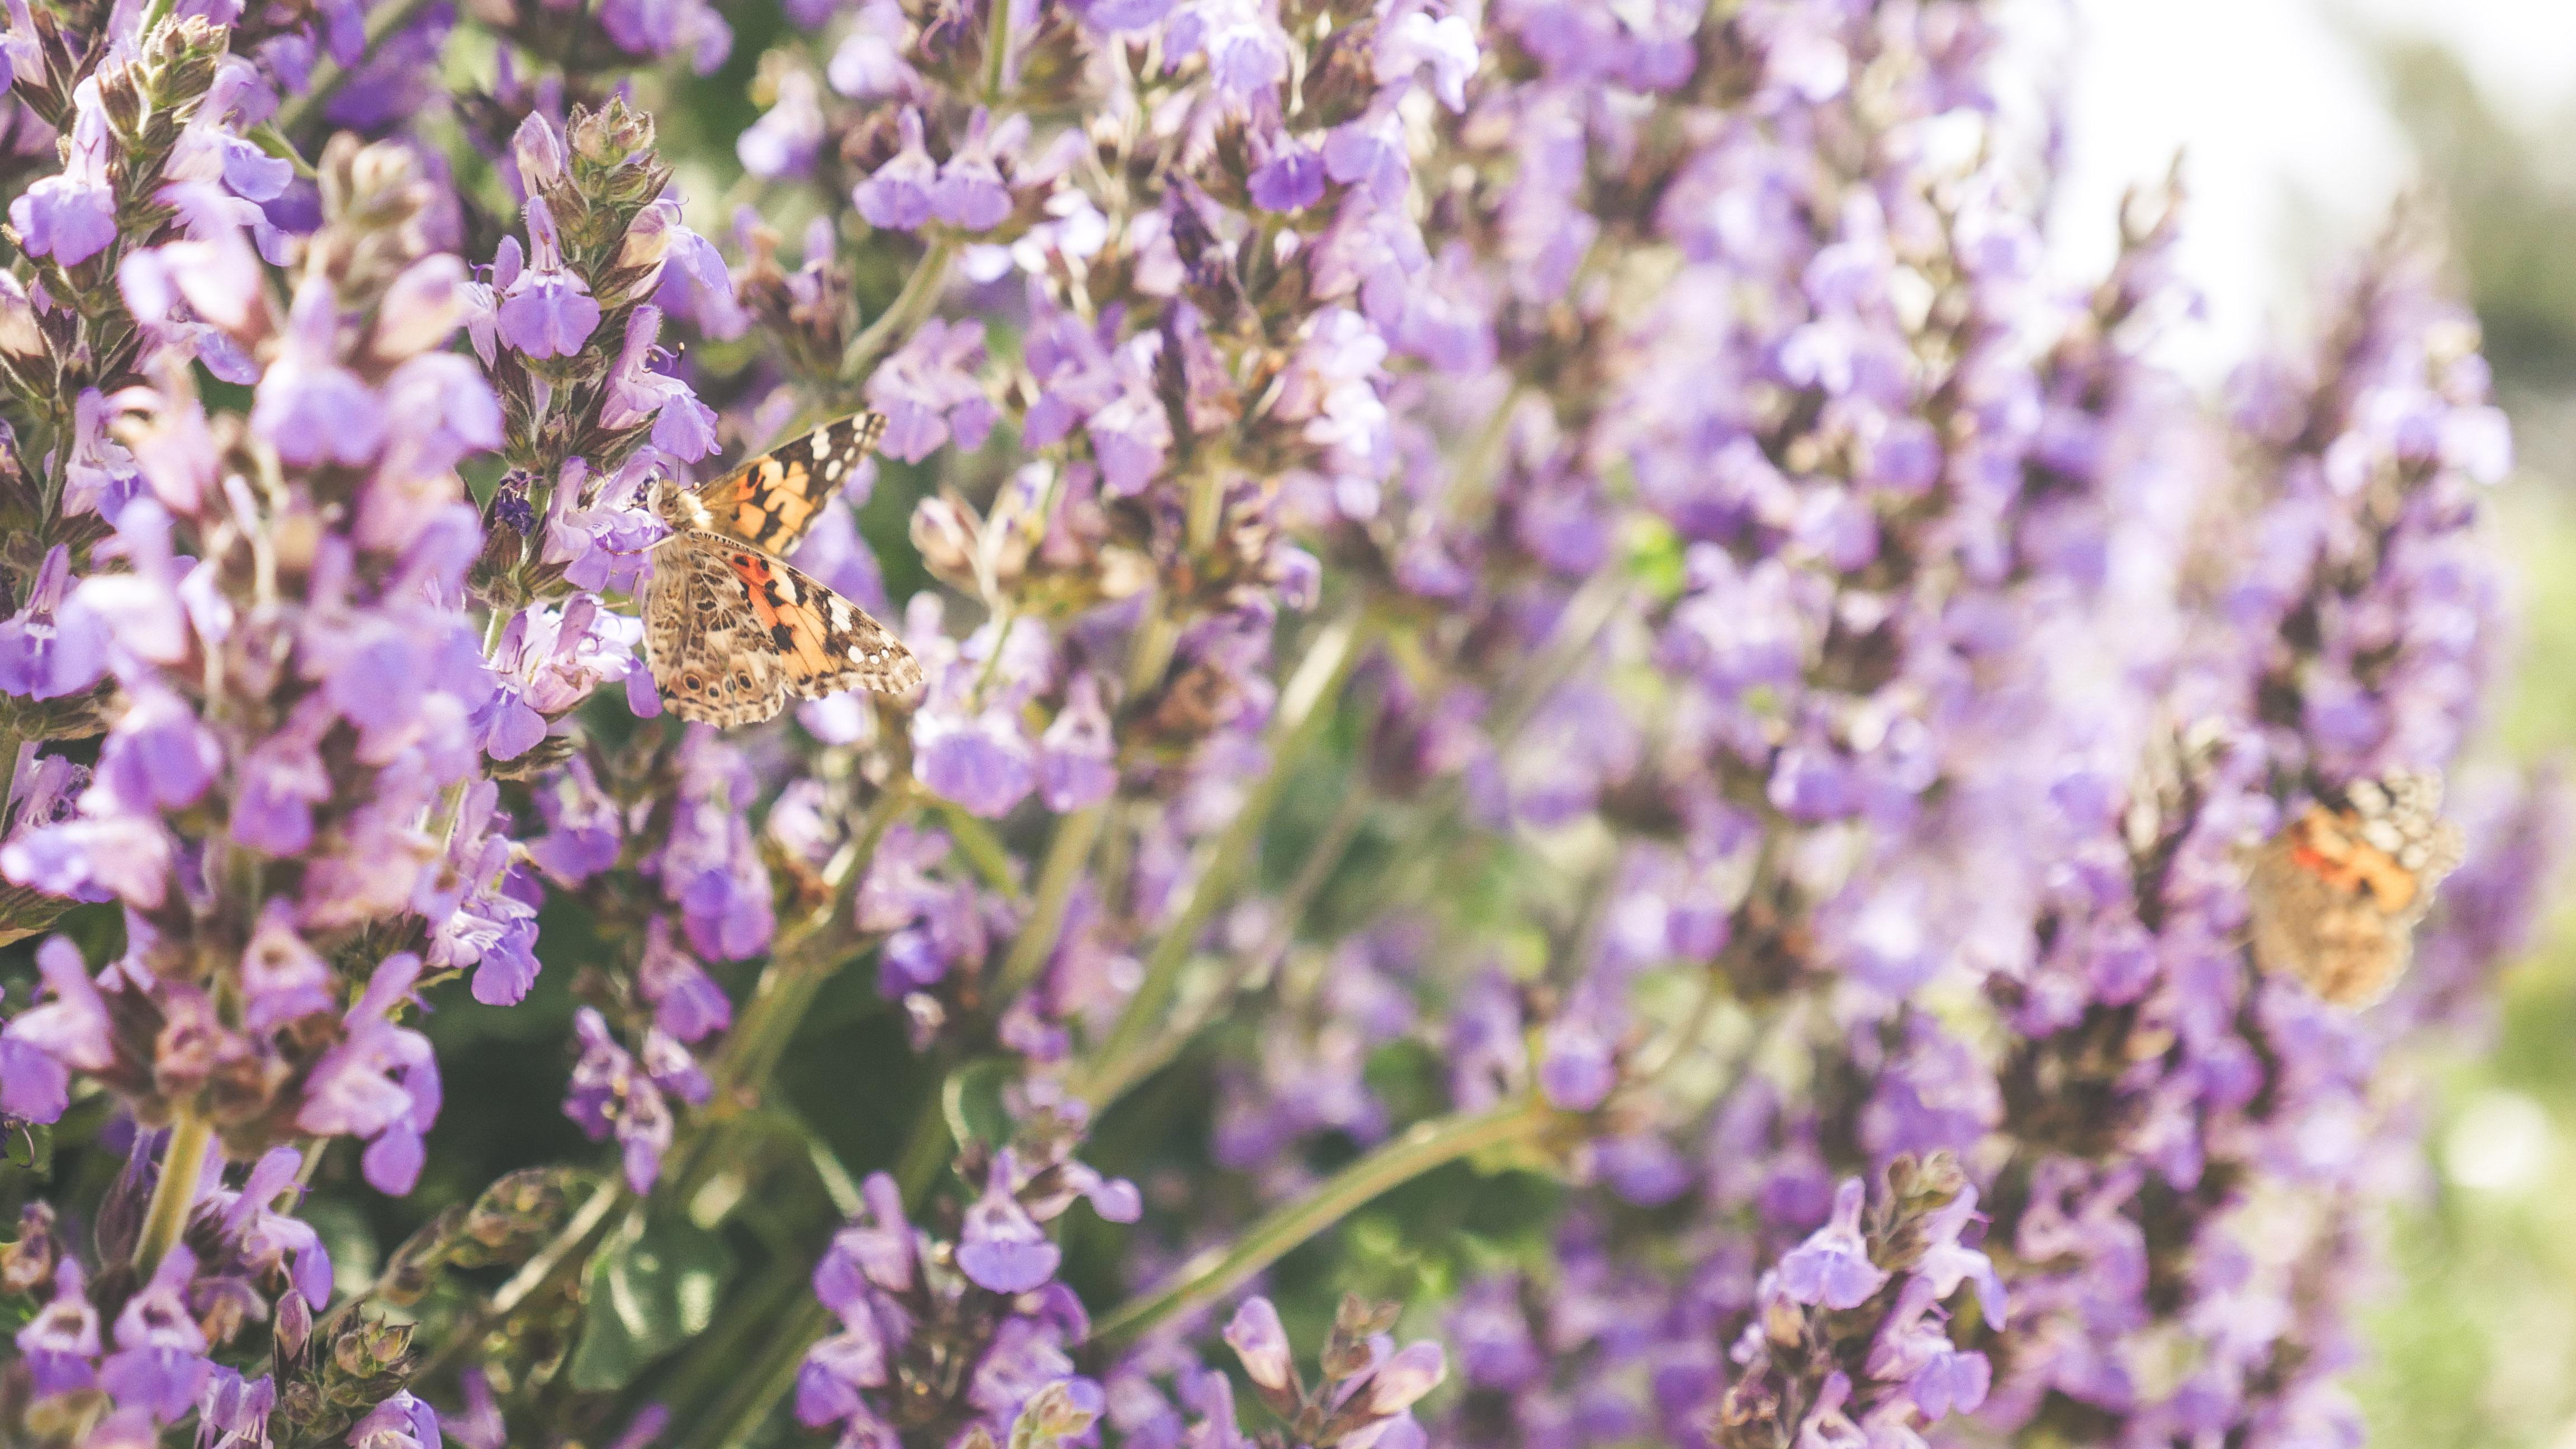 butterflies edited (1 of 24)